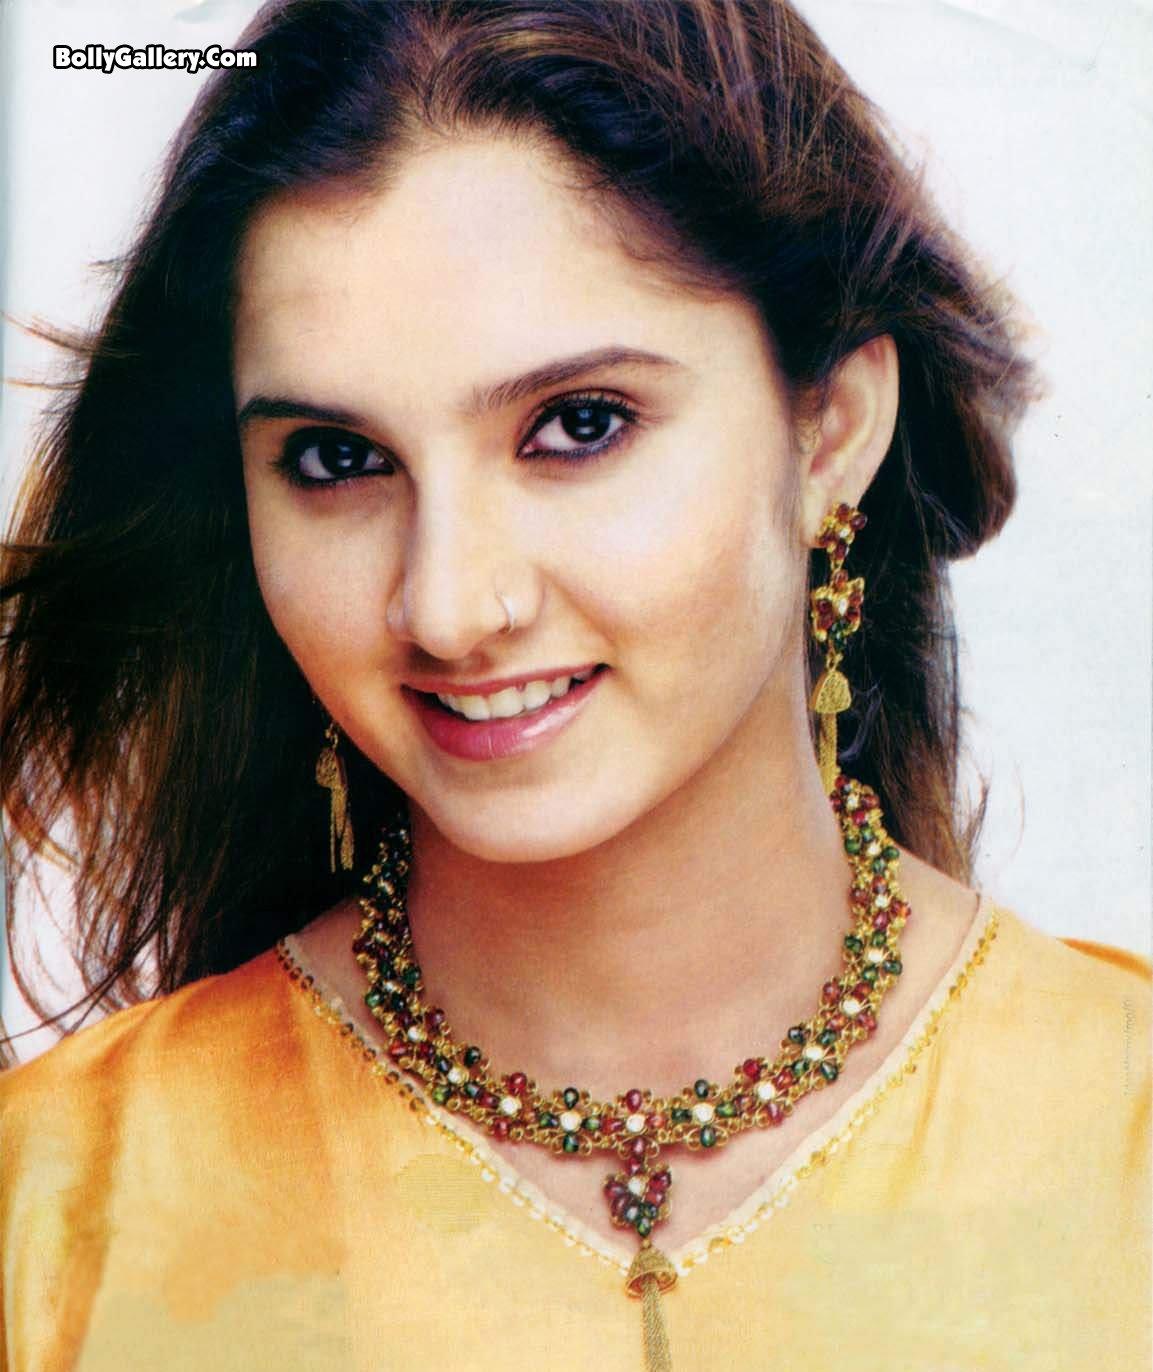 http://3.bp.blogspot.com/-nfnfTQJt-XA/Tg3DuVpVygI/AAAAAAAAA1g/1NbbOKoTQqA/s1600/Sania+Mirza_003.jpg